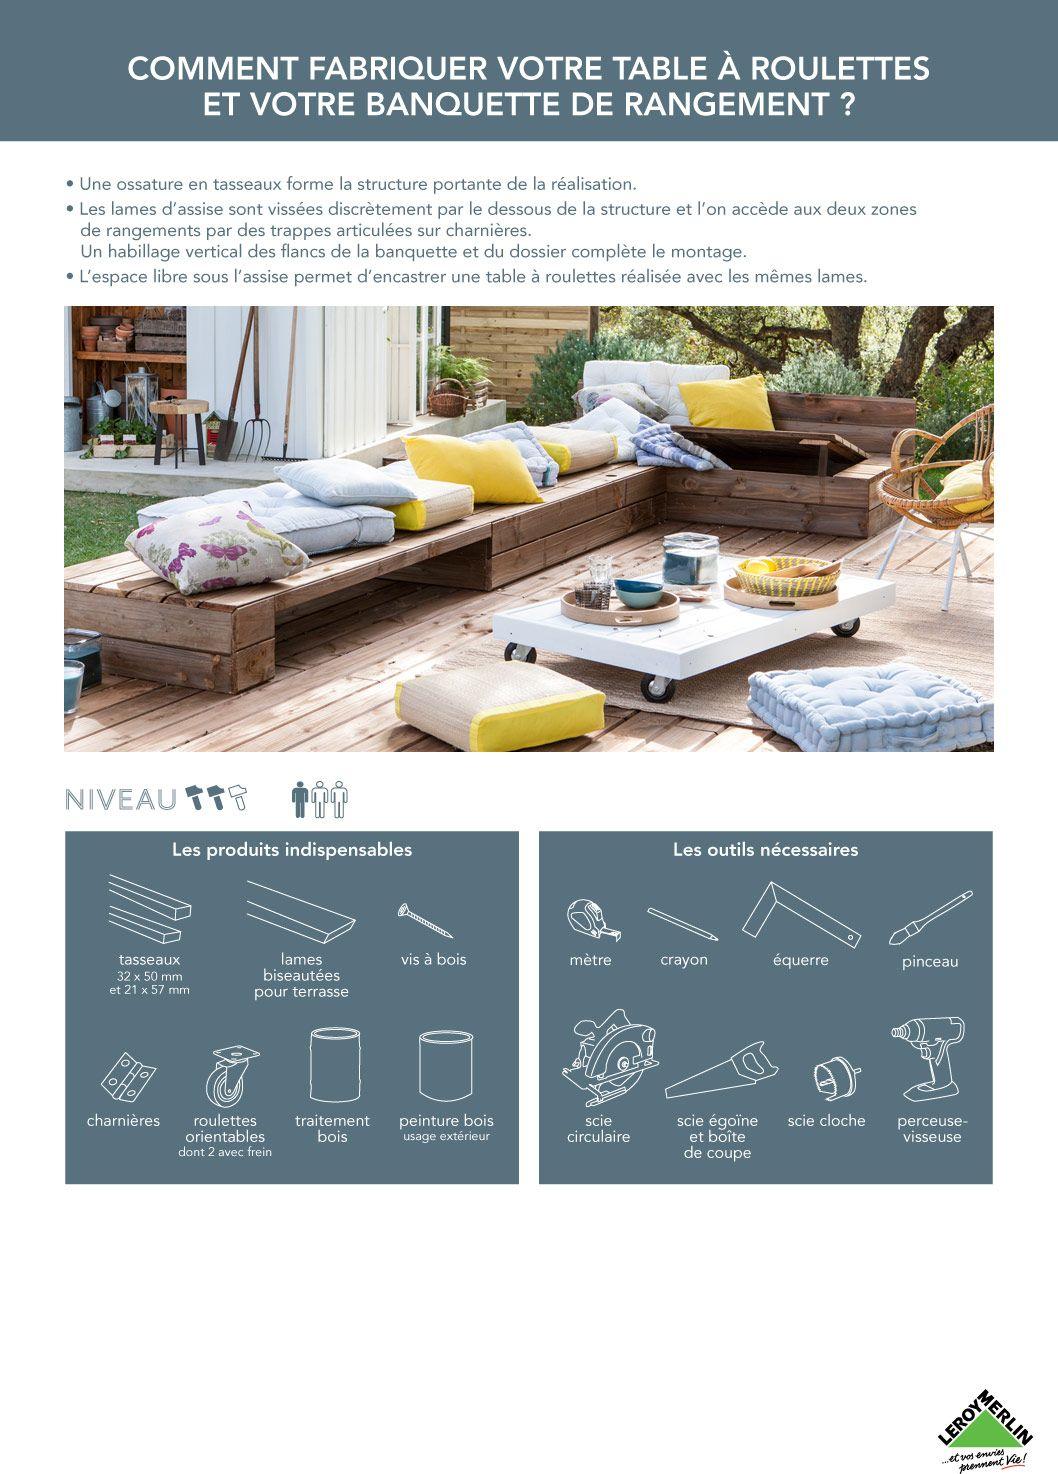 fabriquer une table roulette et une banquette de rangement home gardening pinterest. Black Bedroom Furniture Sets. Home Design Ideas